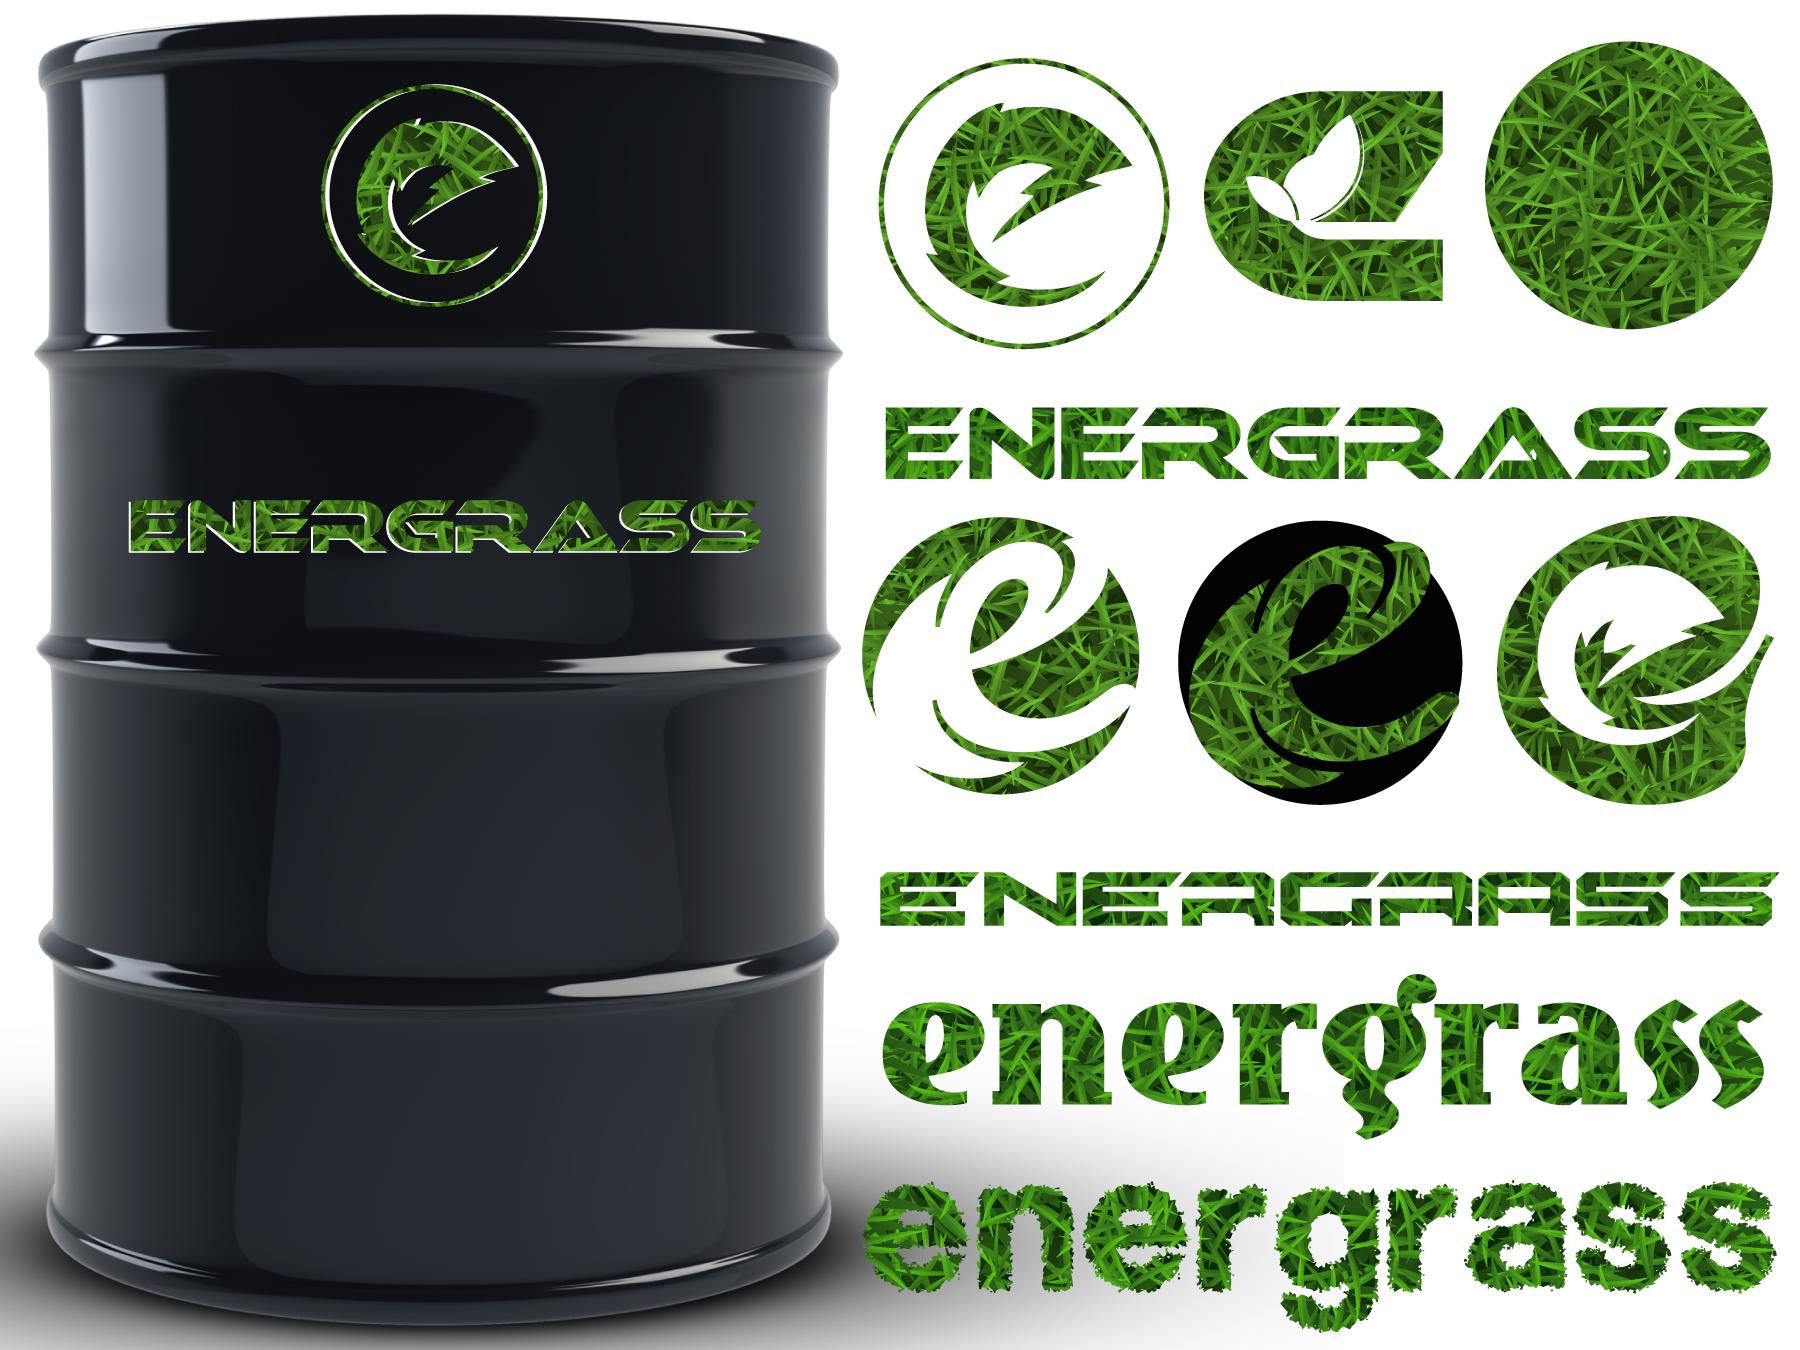 Графический дизайнер для создания логотипа Energrass. фото f_9715f905119ef8e6.png